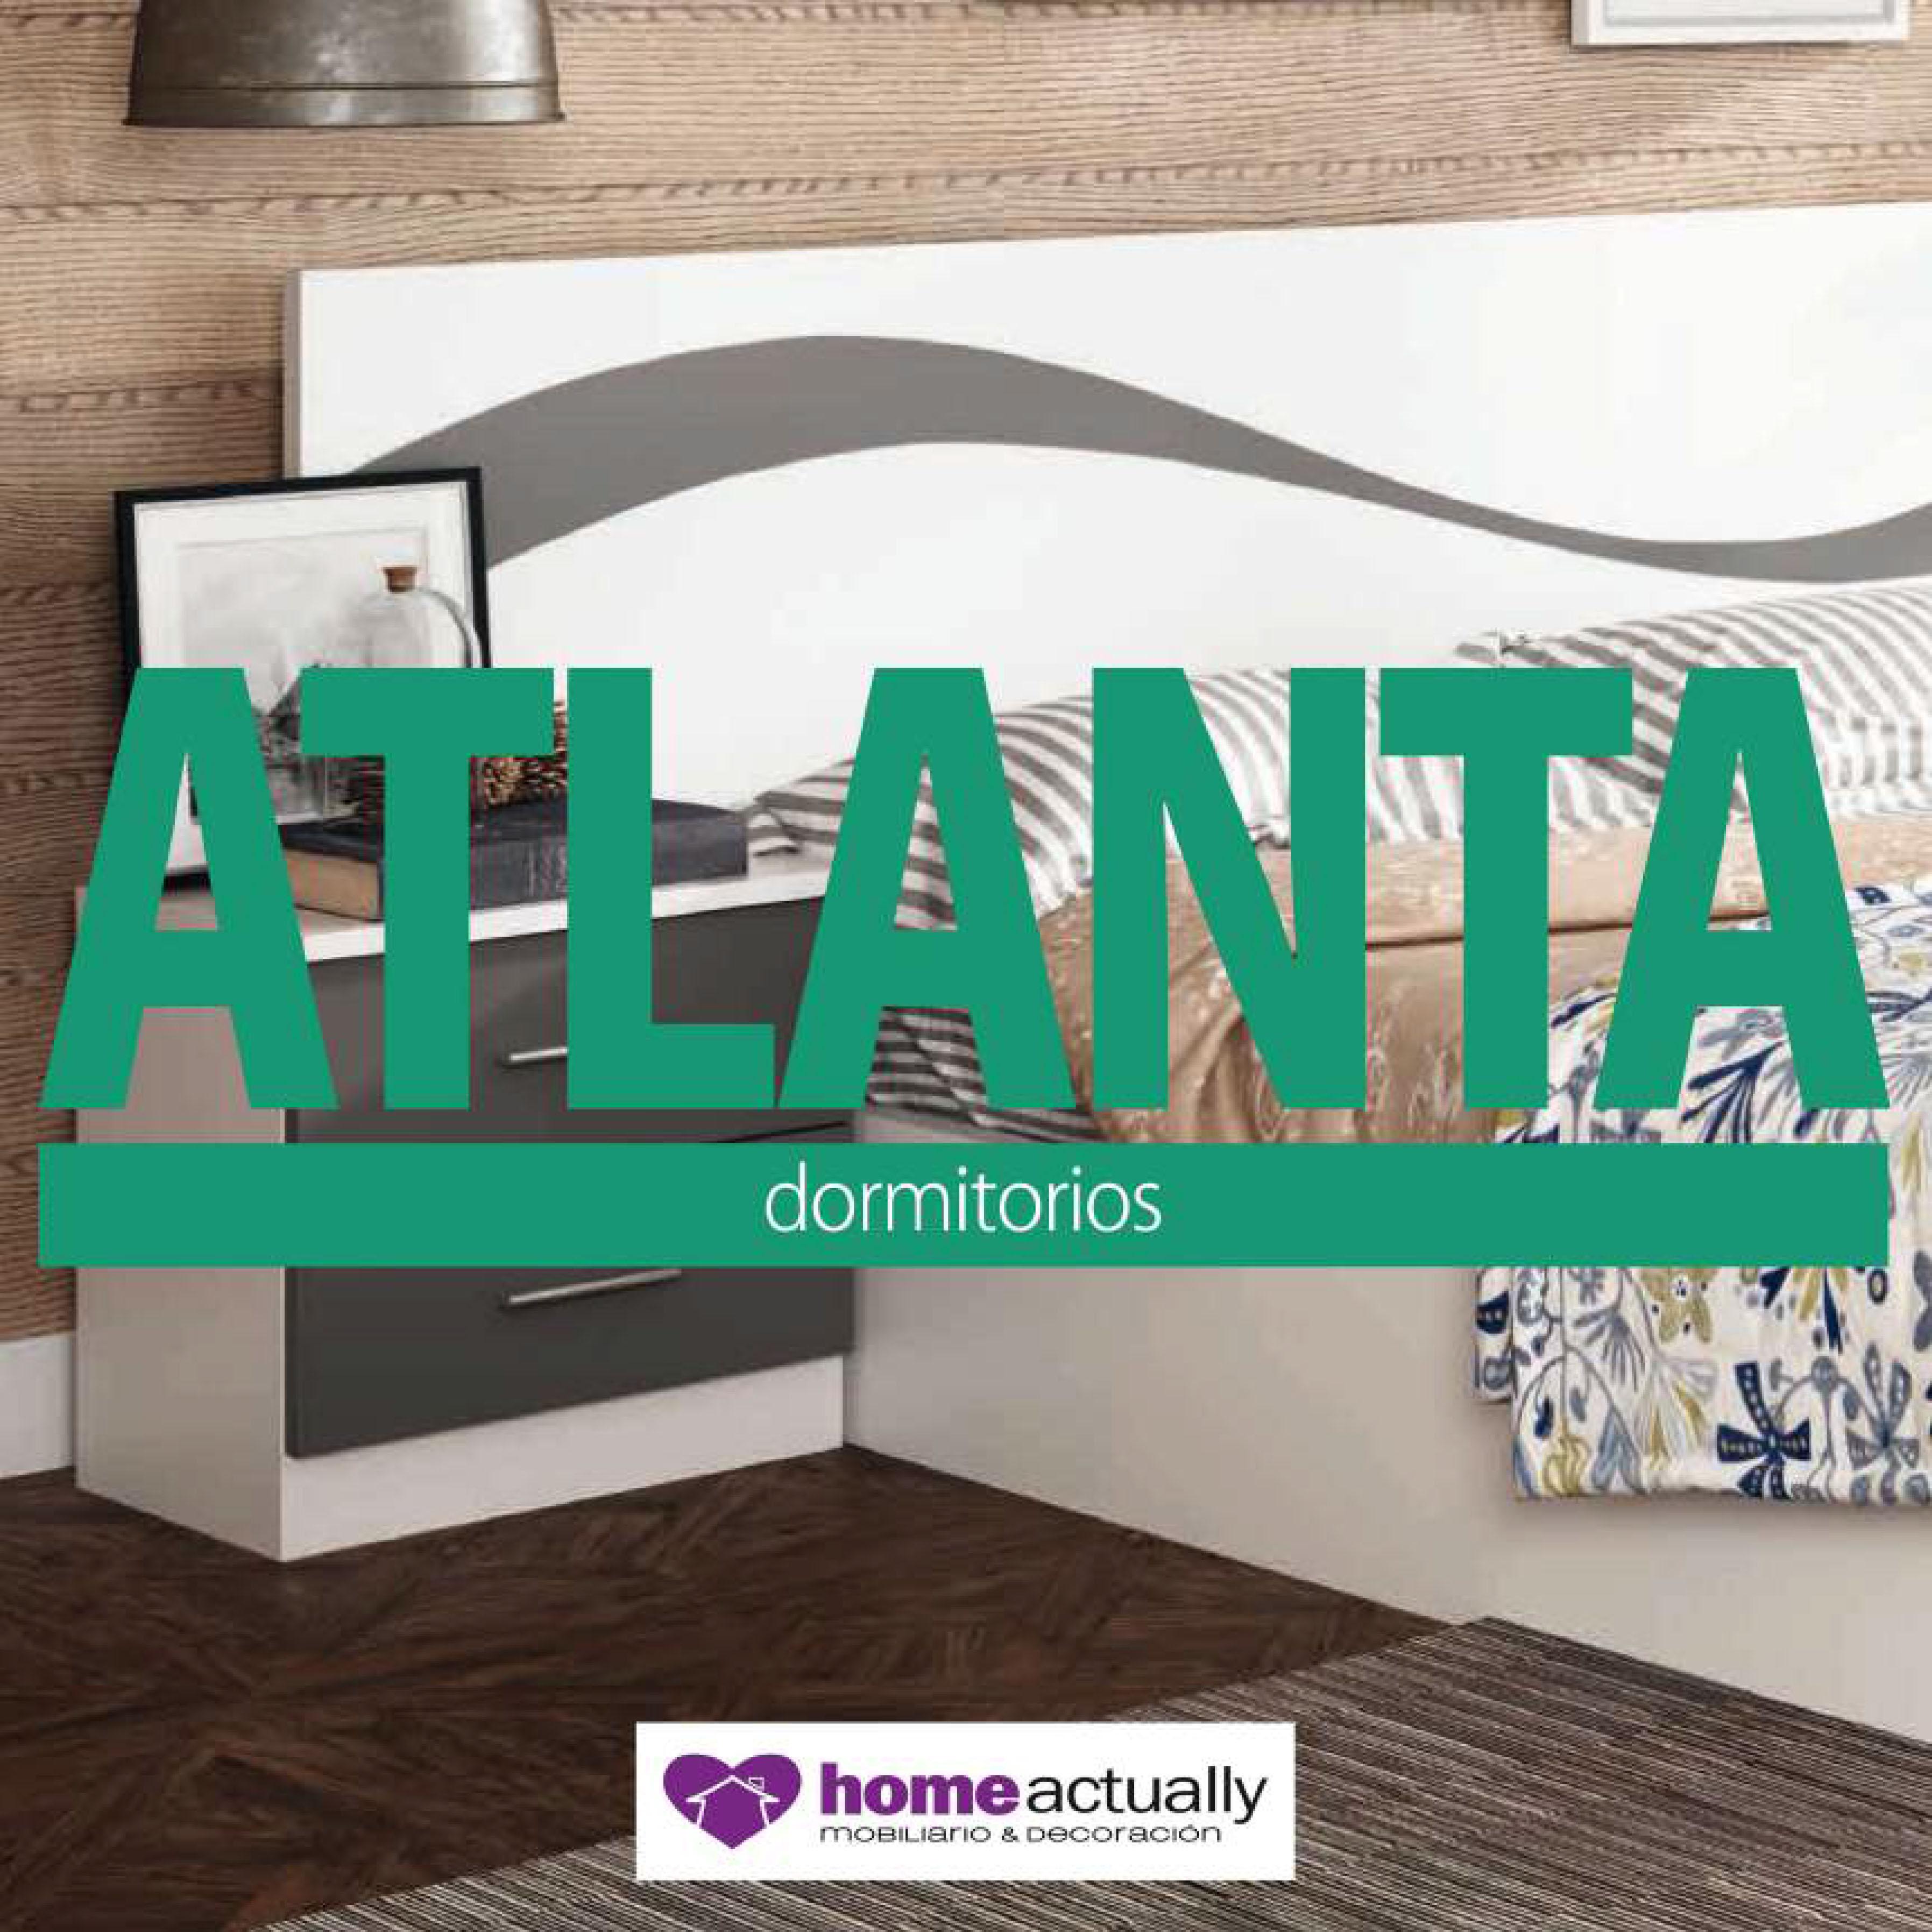 Dormitorios Atlanta